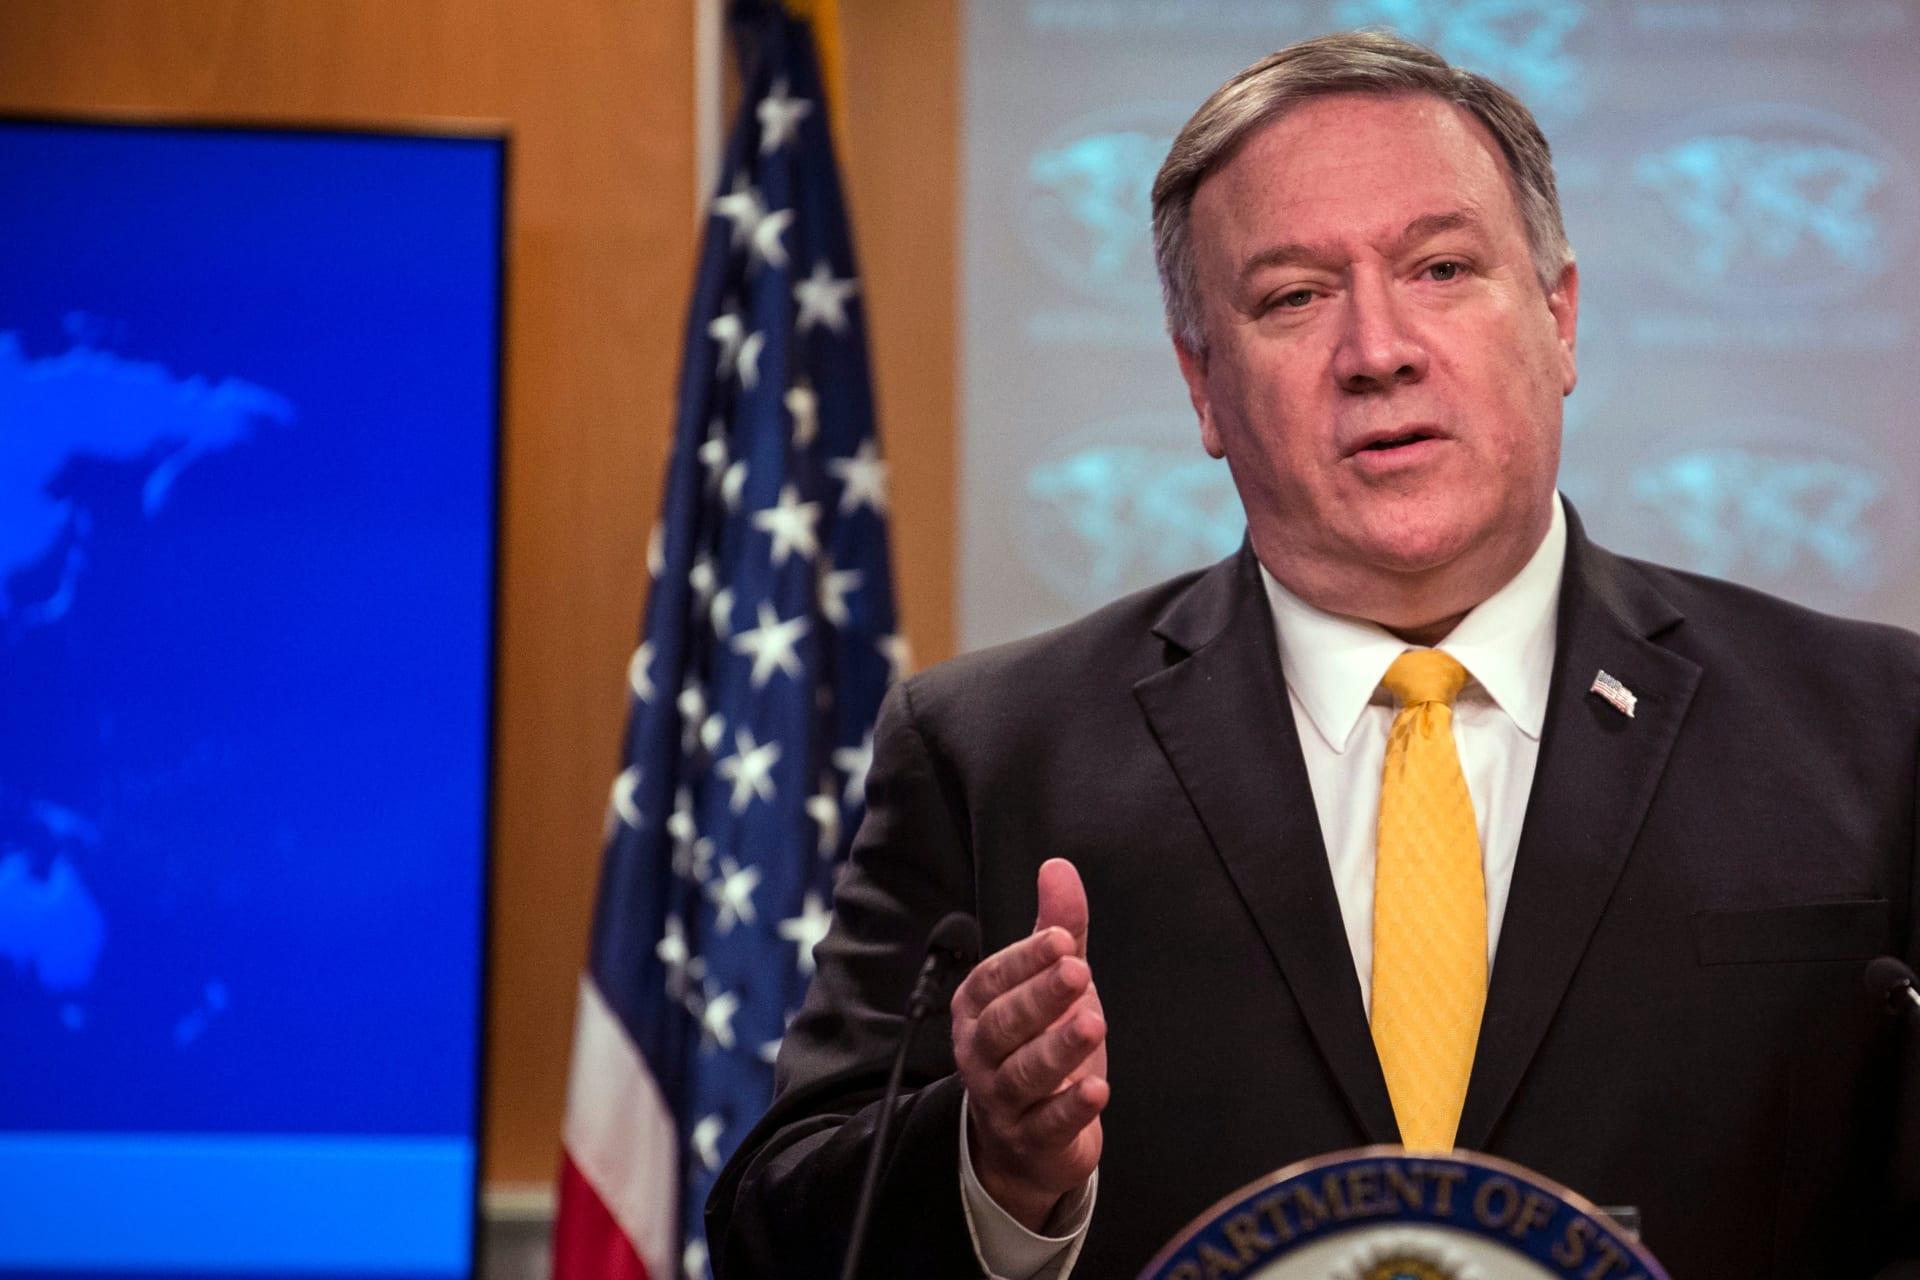 رسميا.. بومبيو يعلن نية أمريكا الانسحاب من معاهدة الأسلحة النووية متوسطة المدى